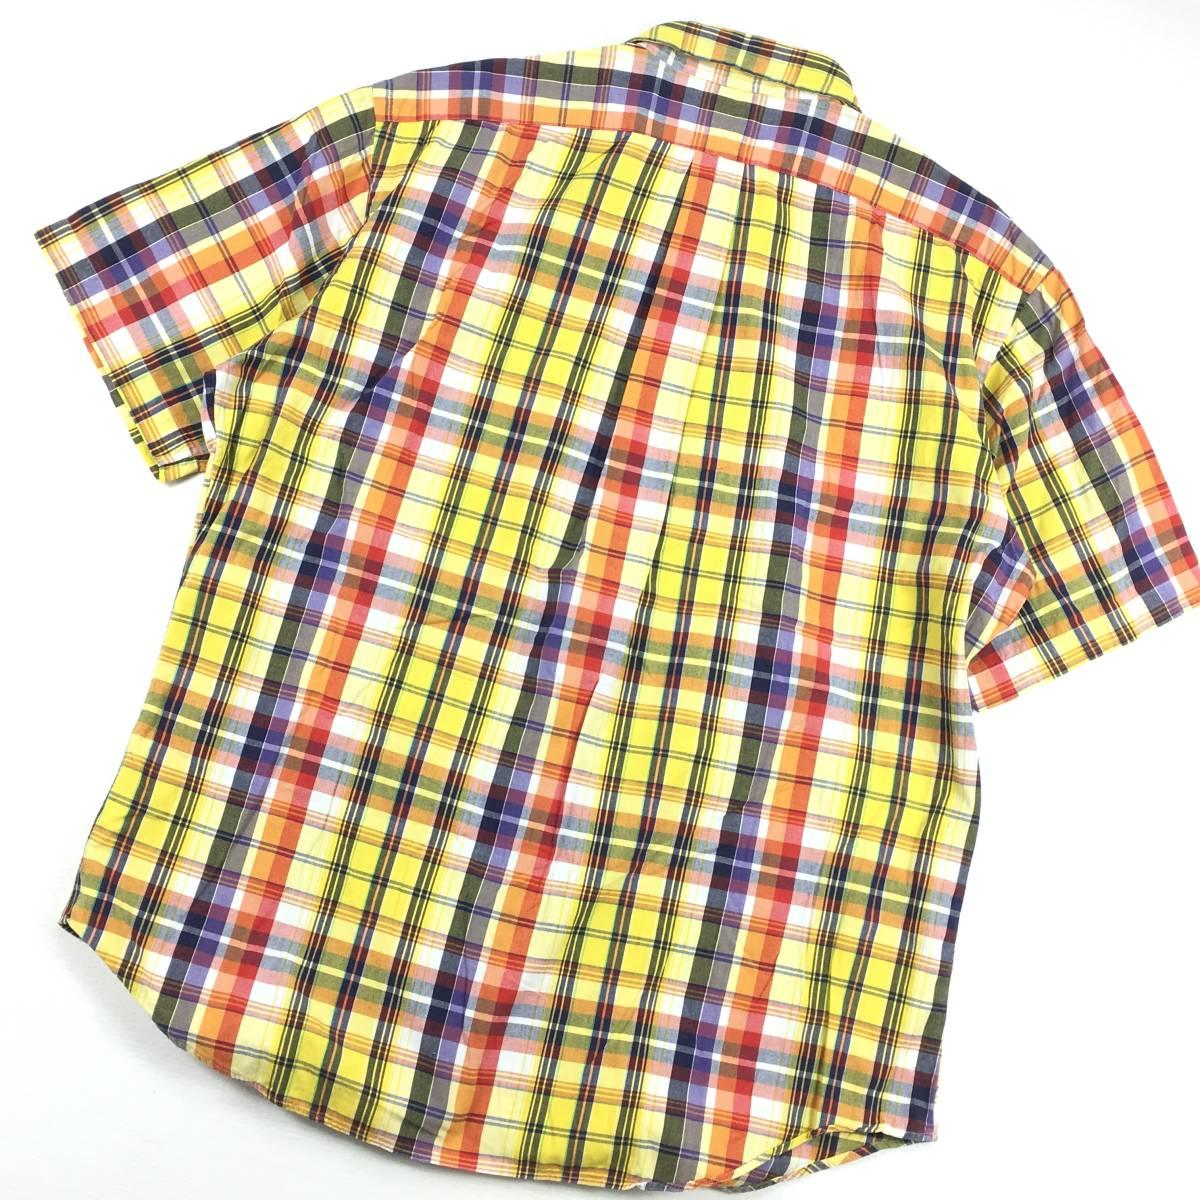 美品【Ralph Lauren ラルフローレン】拘りのインド綿 マドラスチェック「CLASSIC FIT」半袖シャツ LL 大きめ メンズ ゆったり_画像4